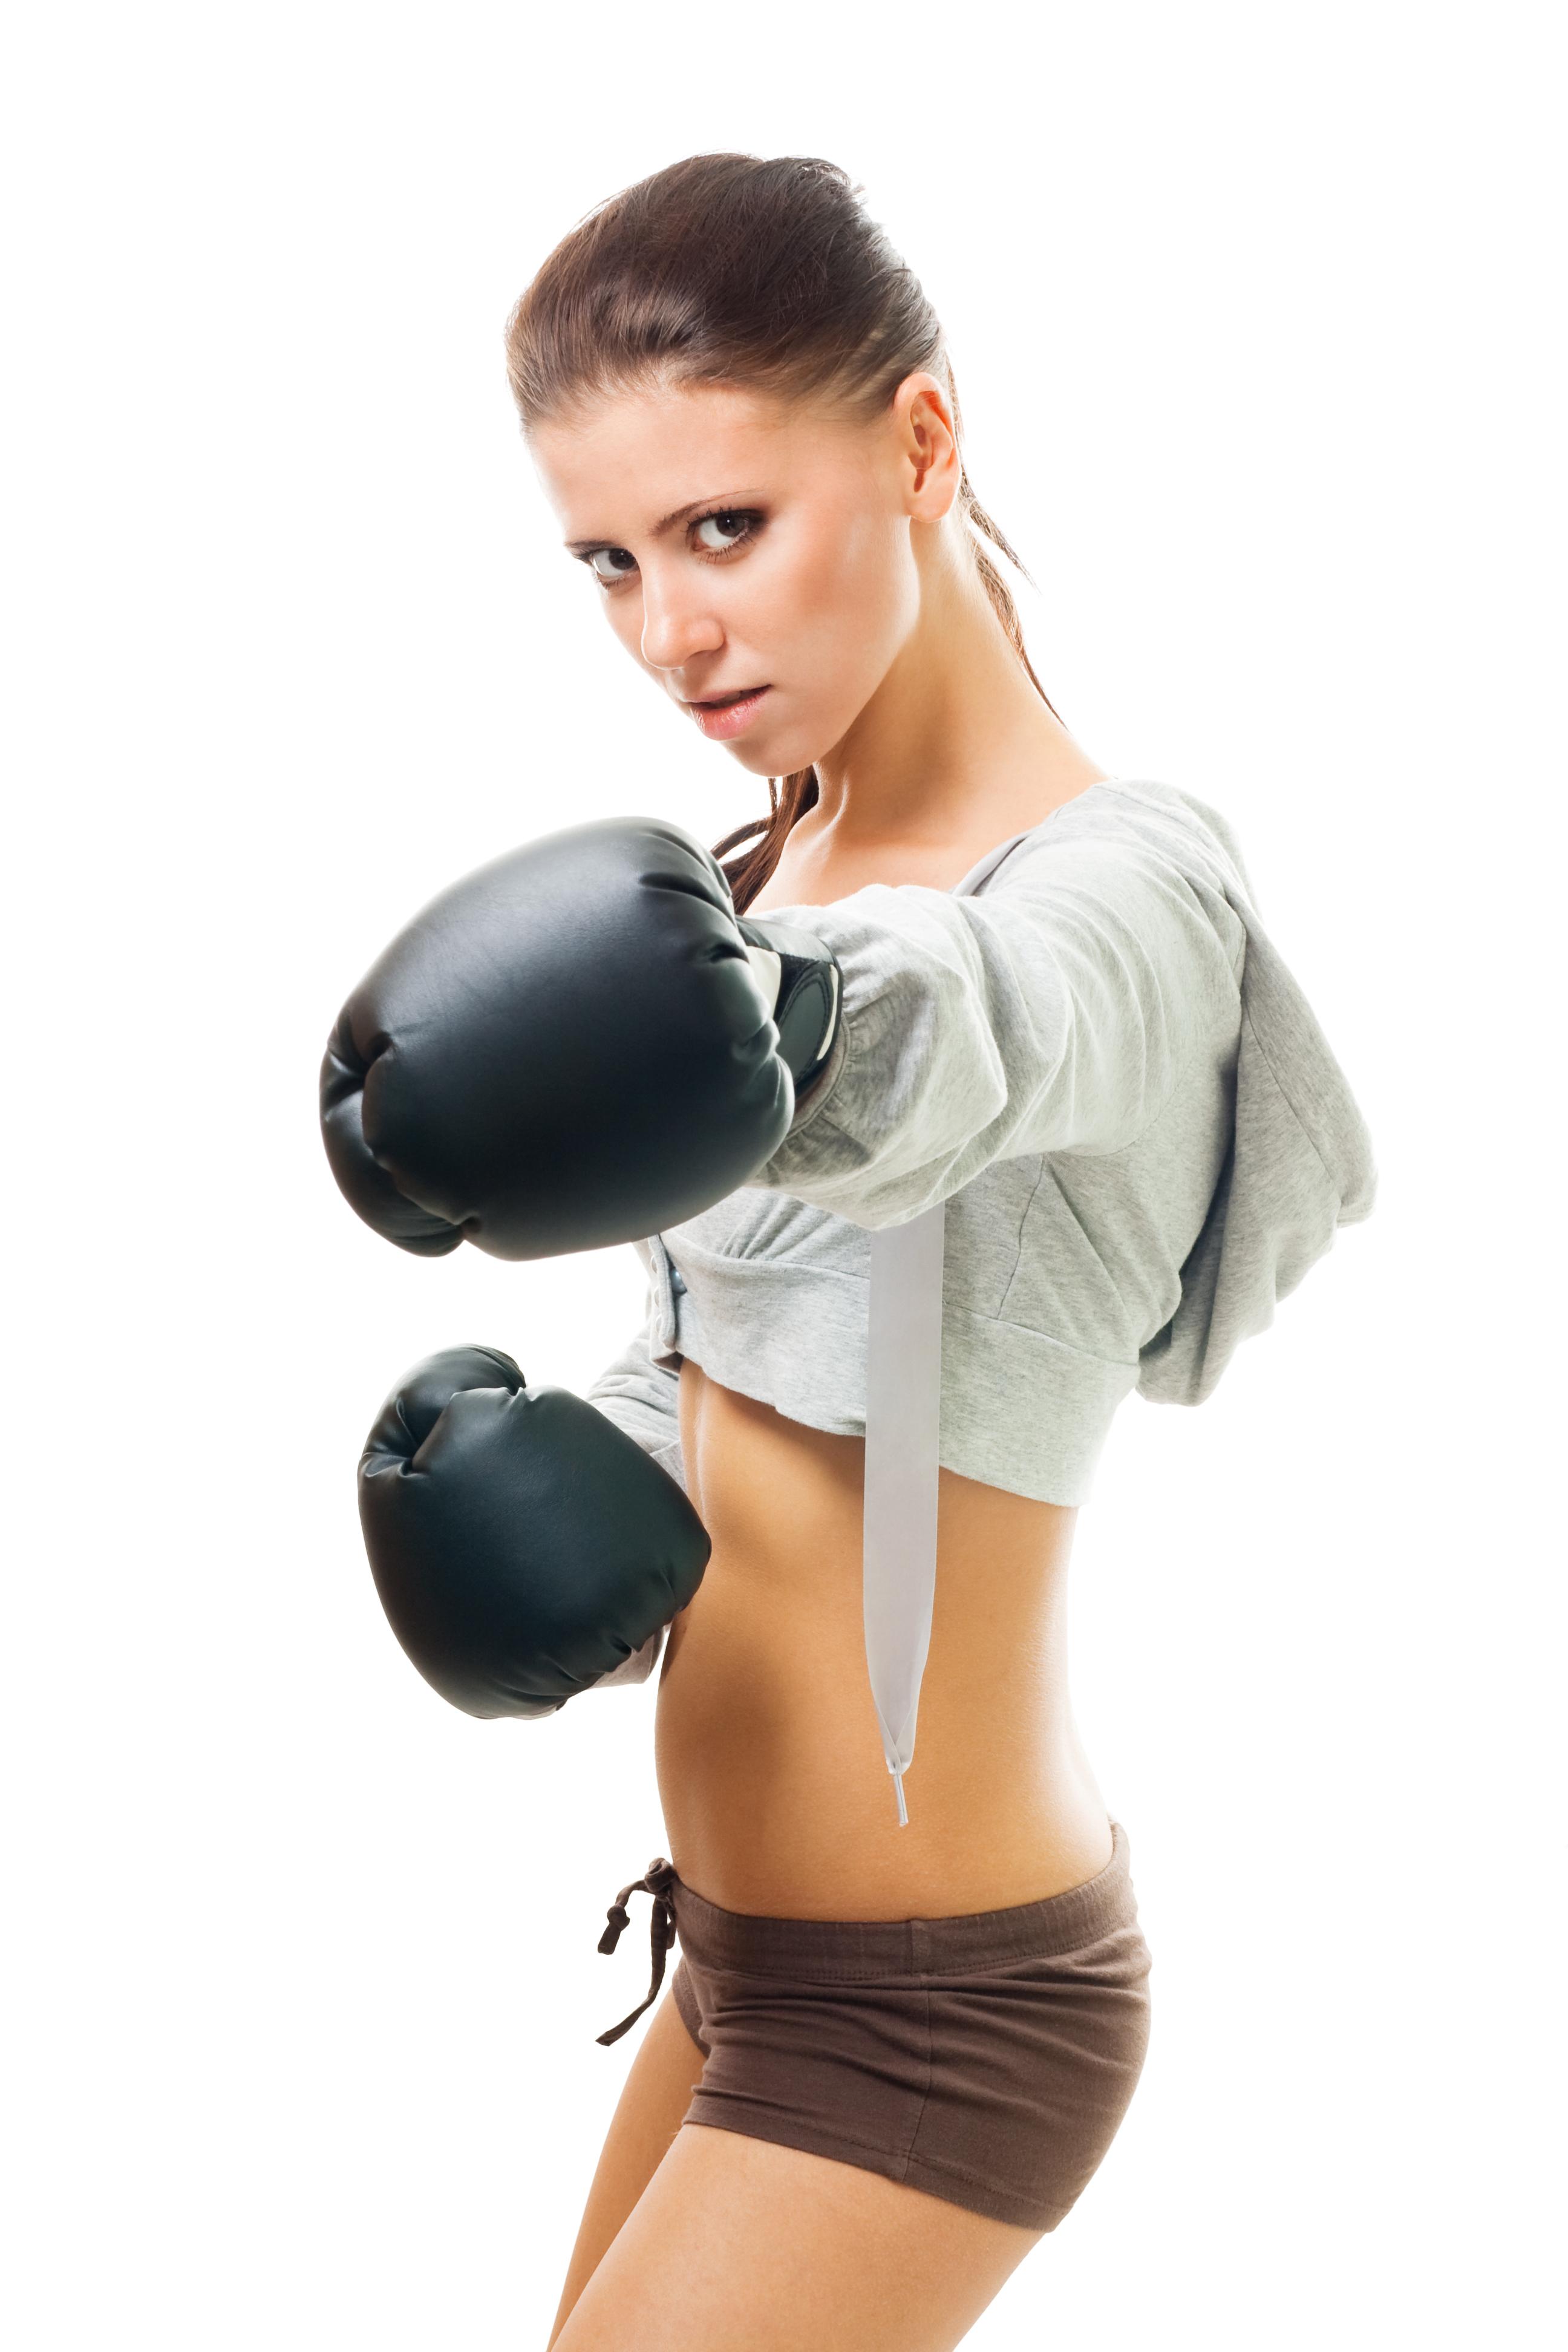 Фотосессия девушки в боксерских перчатках 13 фотография